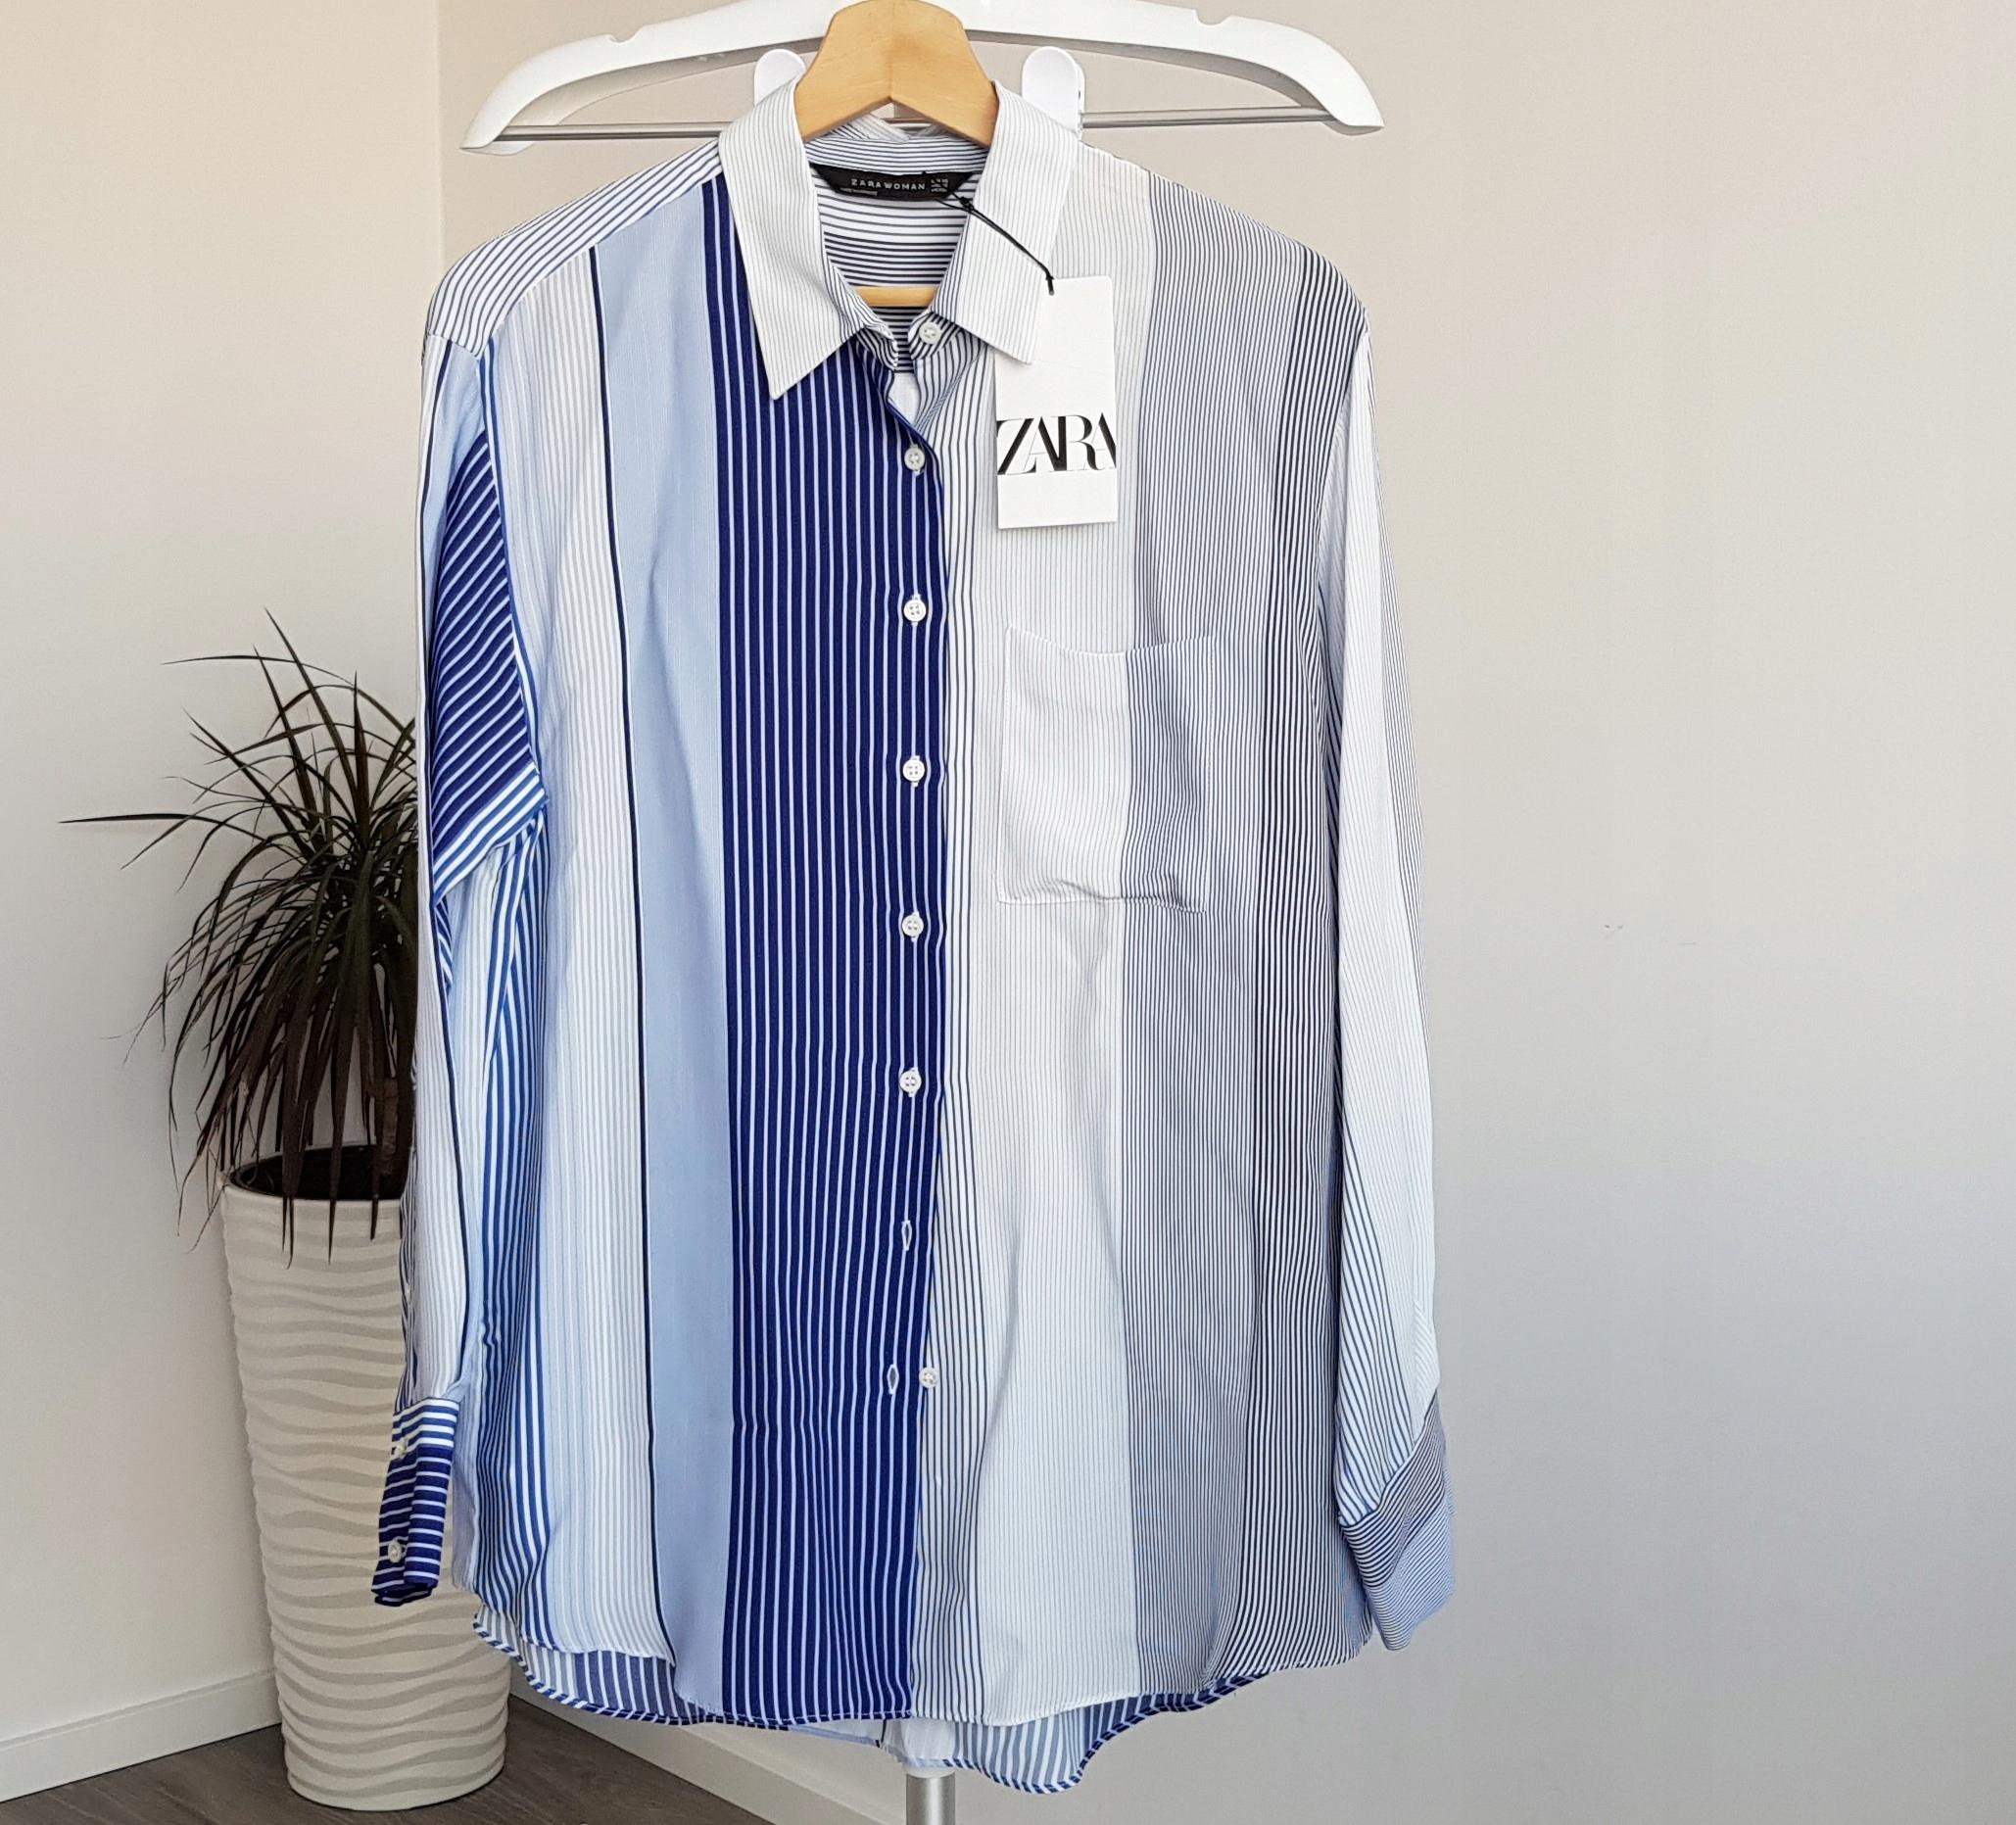 Zara koszula w paski XS/S